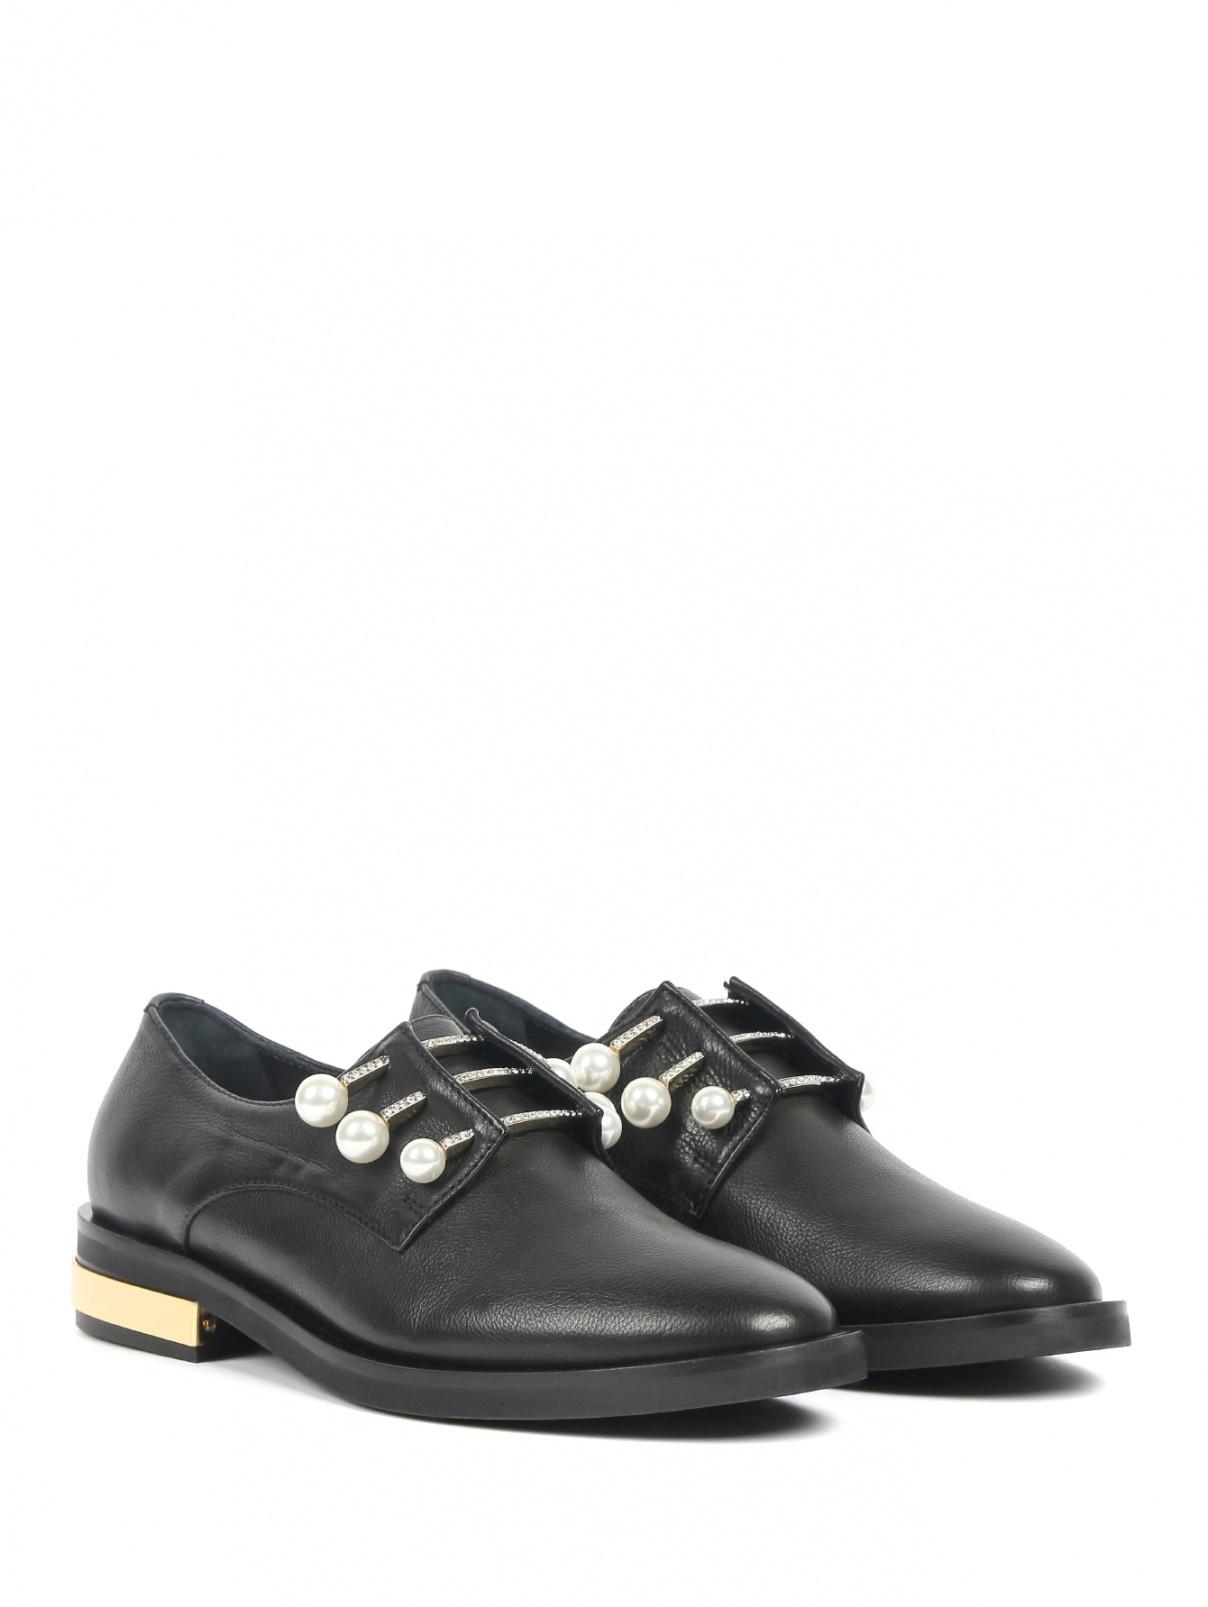 Туфли из фактурной кожи с декором Coliac  –  Общий вид  – Цвет:  Черный